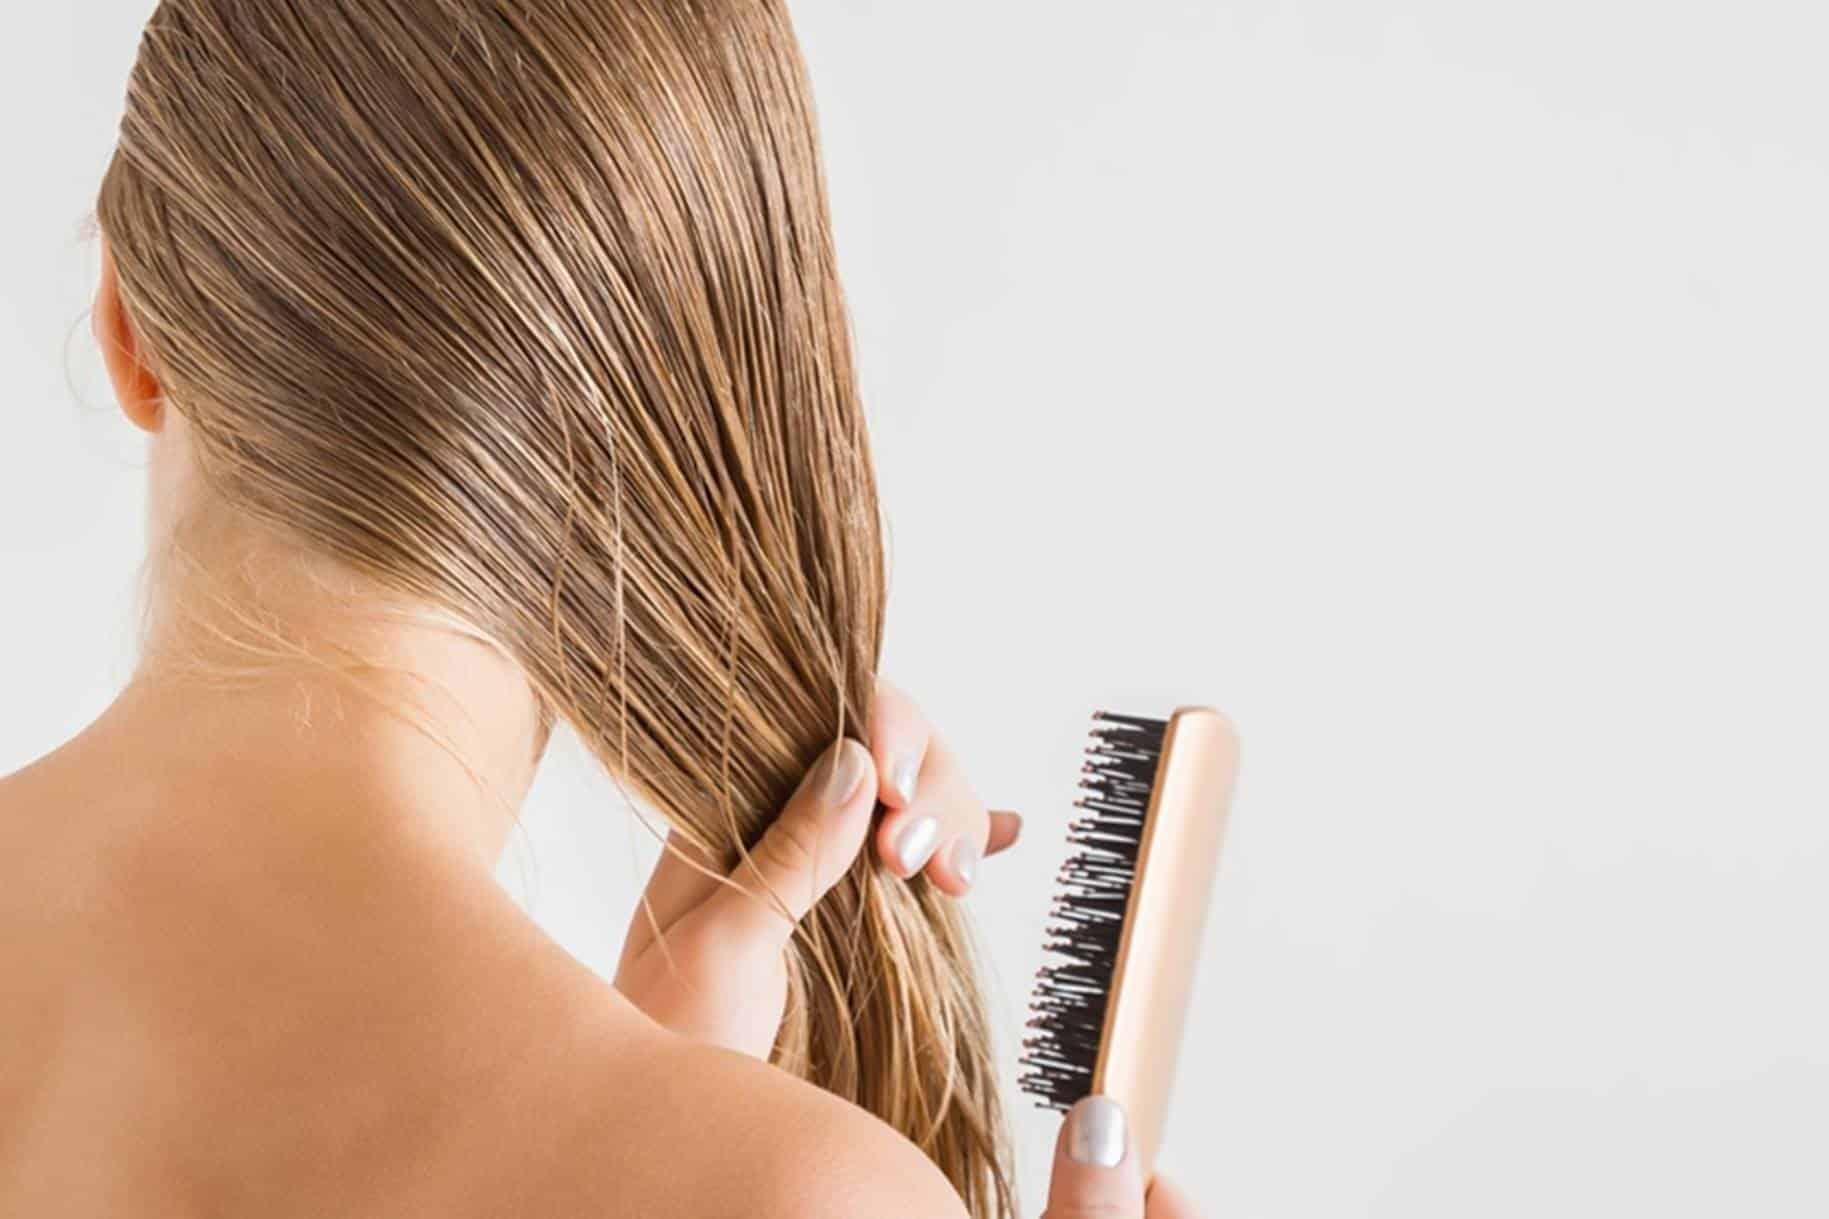 É simples: 4 dicas essenciais para deixar o cabelo com brilho intenso